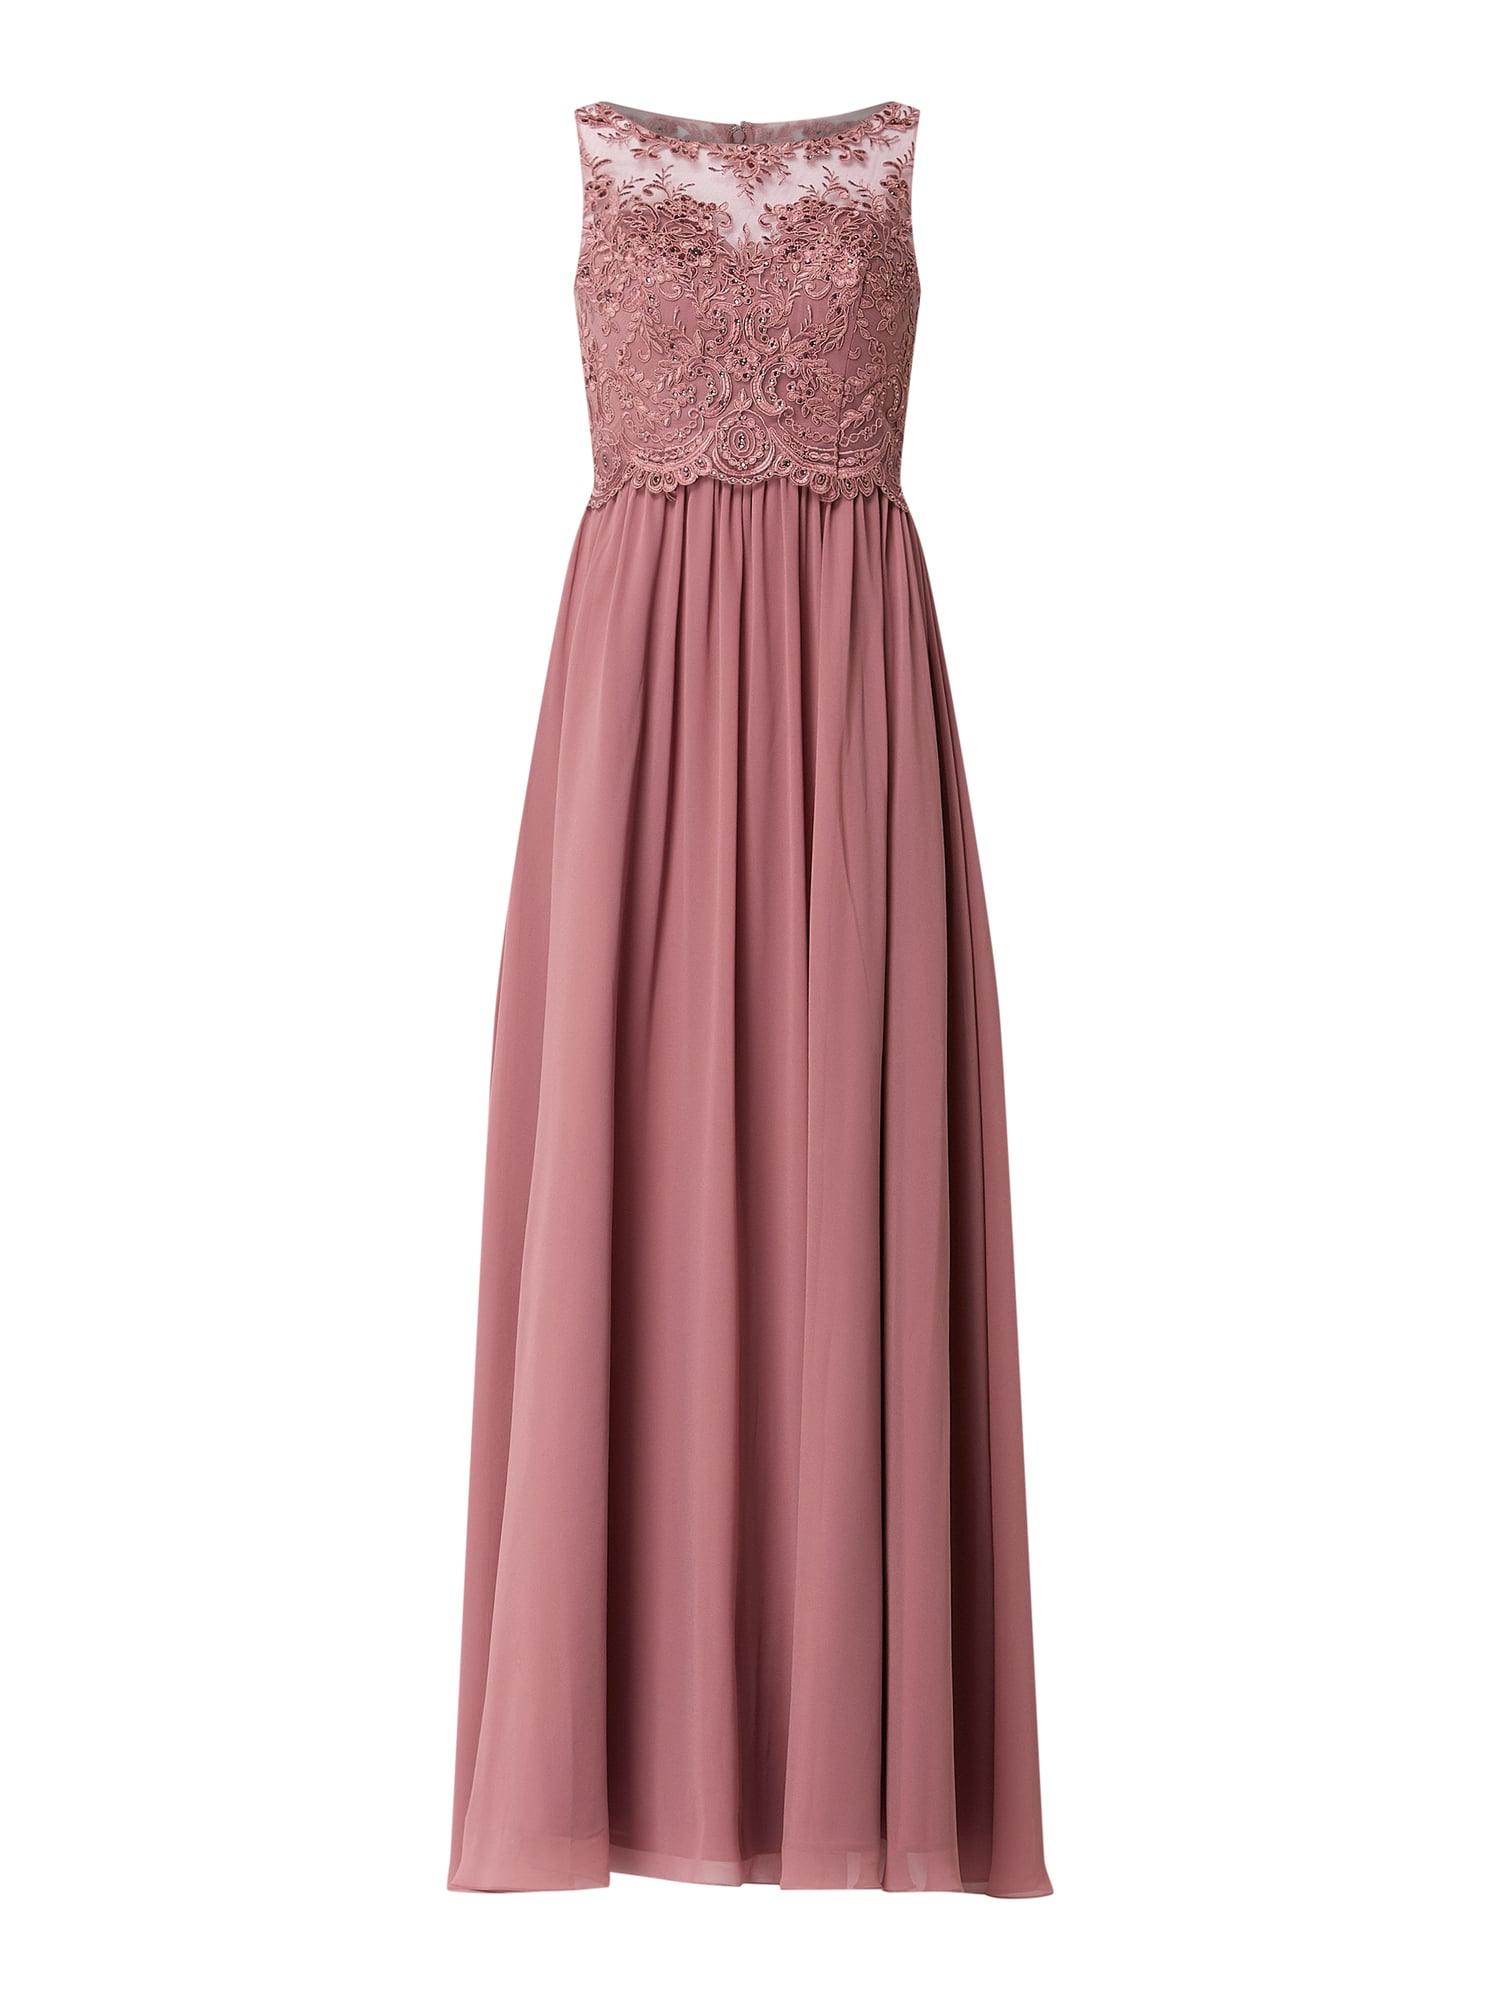 Perfekt Abendkleider Für X Figur Stylish Elegant Abendkleider Für X Figur Boutique